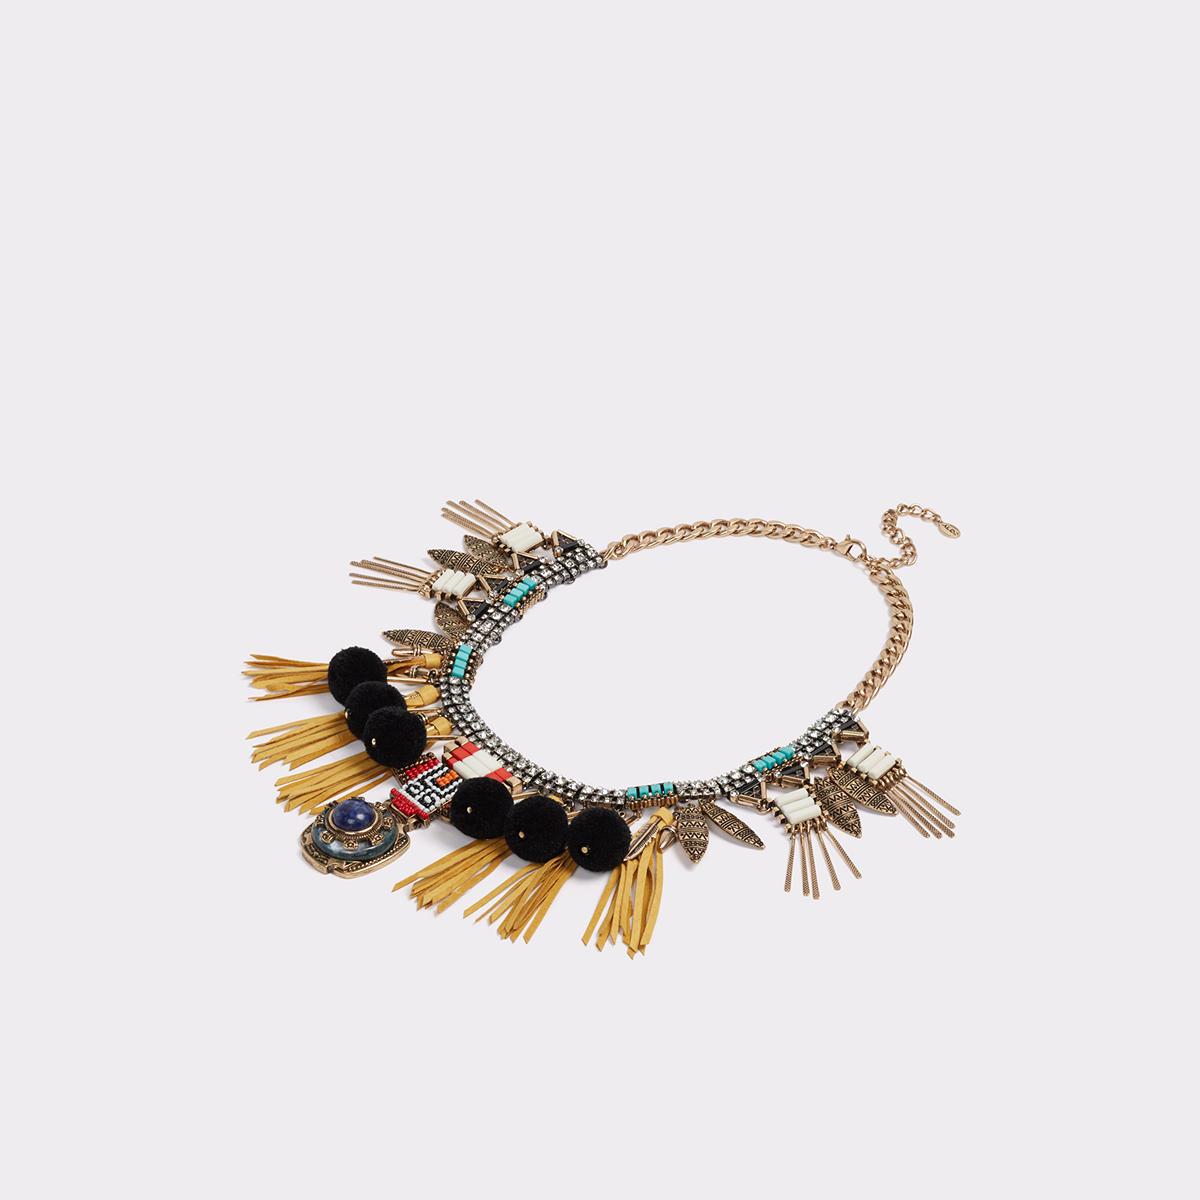 Rethimnon Bright Multi Women's Necklaces | ALDO US at Aldo Shoes in Victor, NY | Tuggl